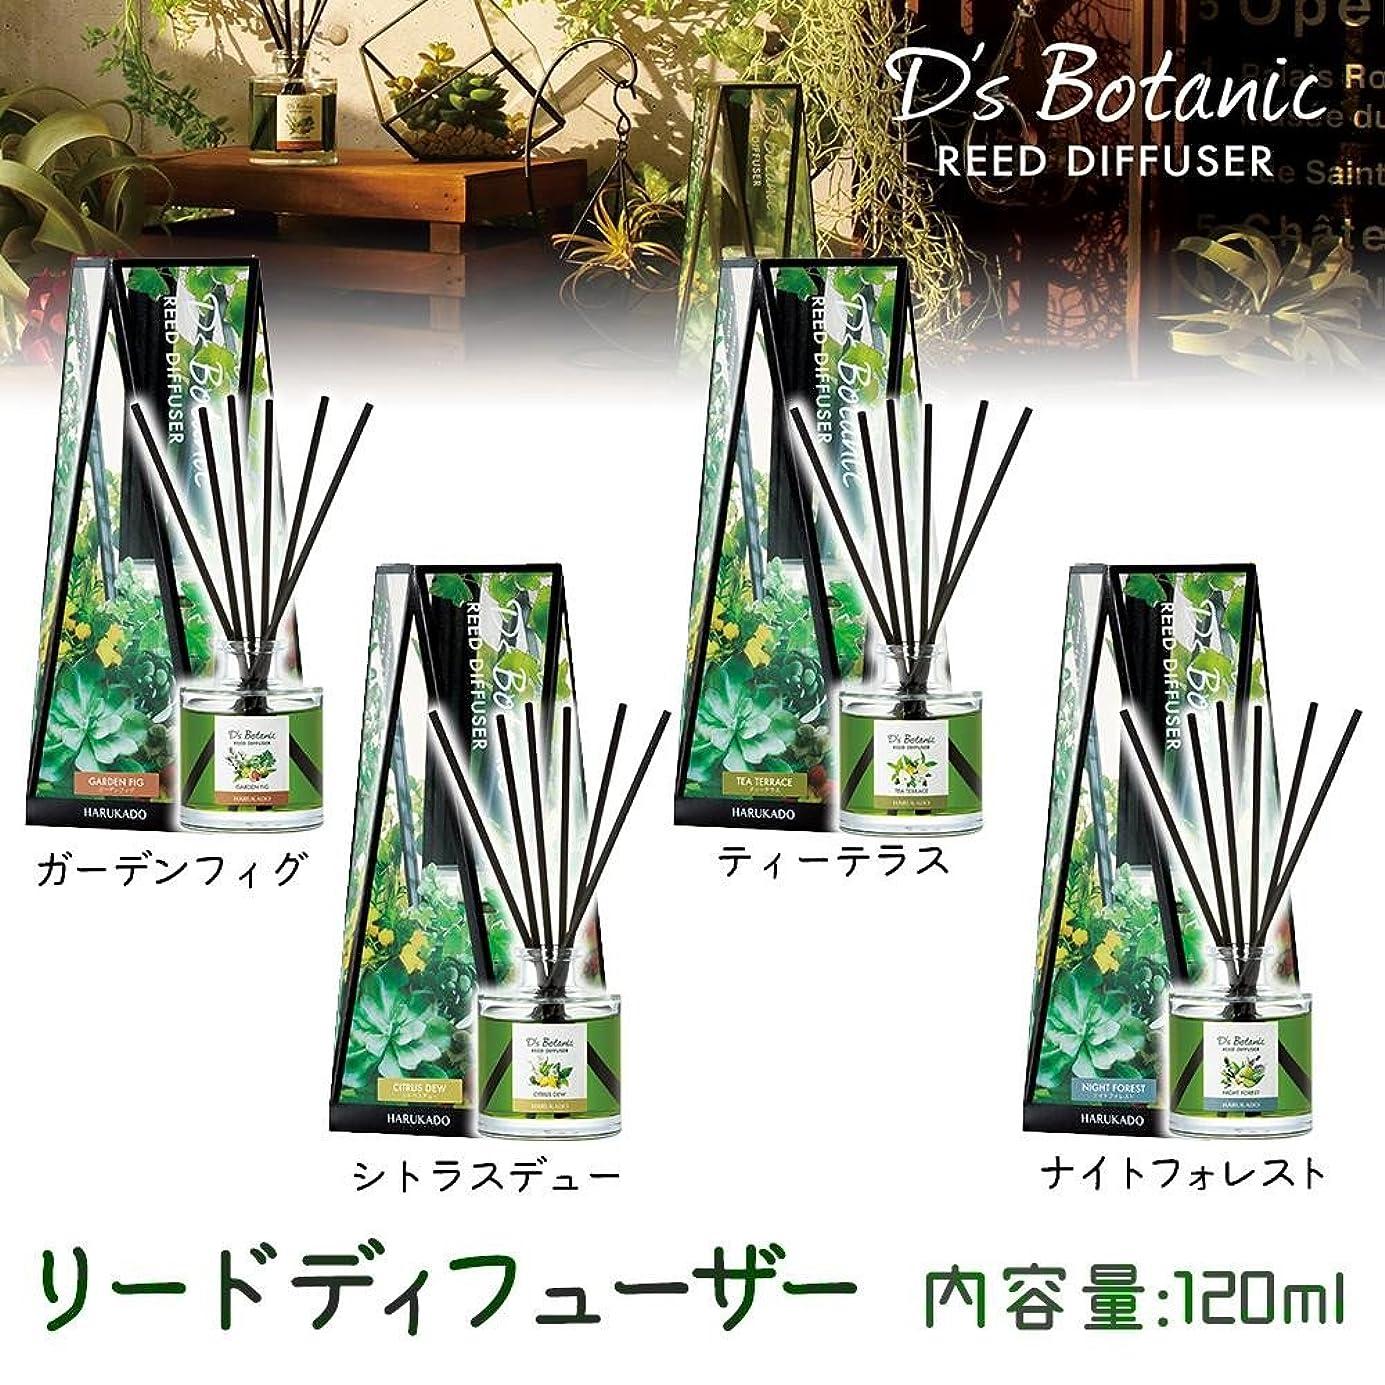 ファンネルウェブスパイダー引き潮鉛D'S Botanic(デイズボタニック) リードディフューザー ルームフレグランス 120ml ガーデンフィグ?6228【人気 おすすめ 】